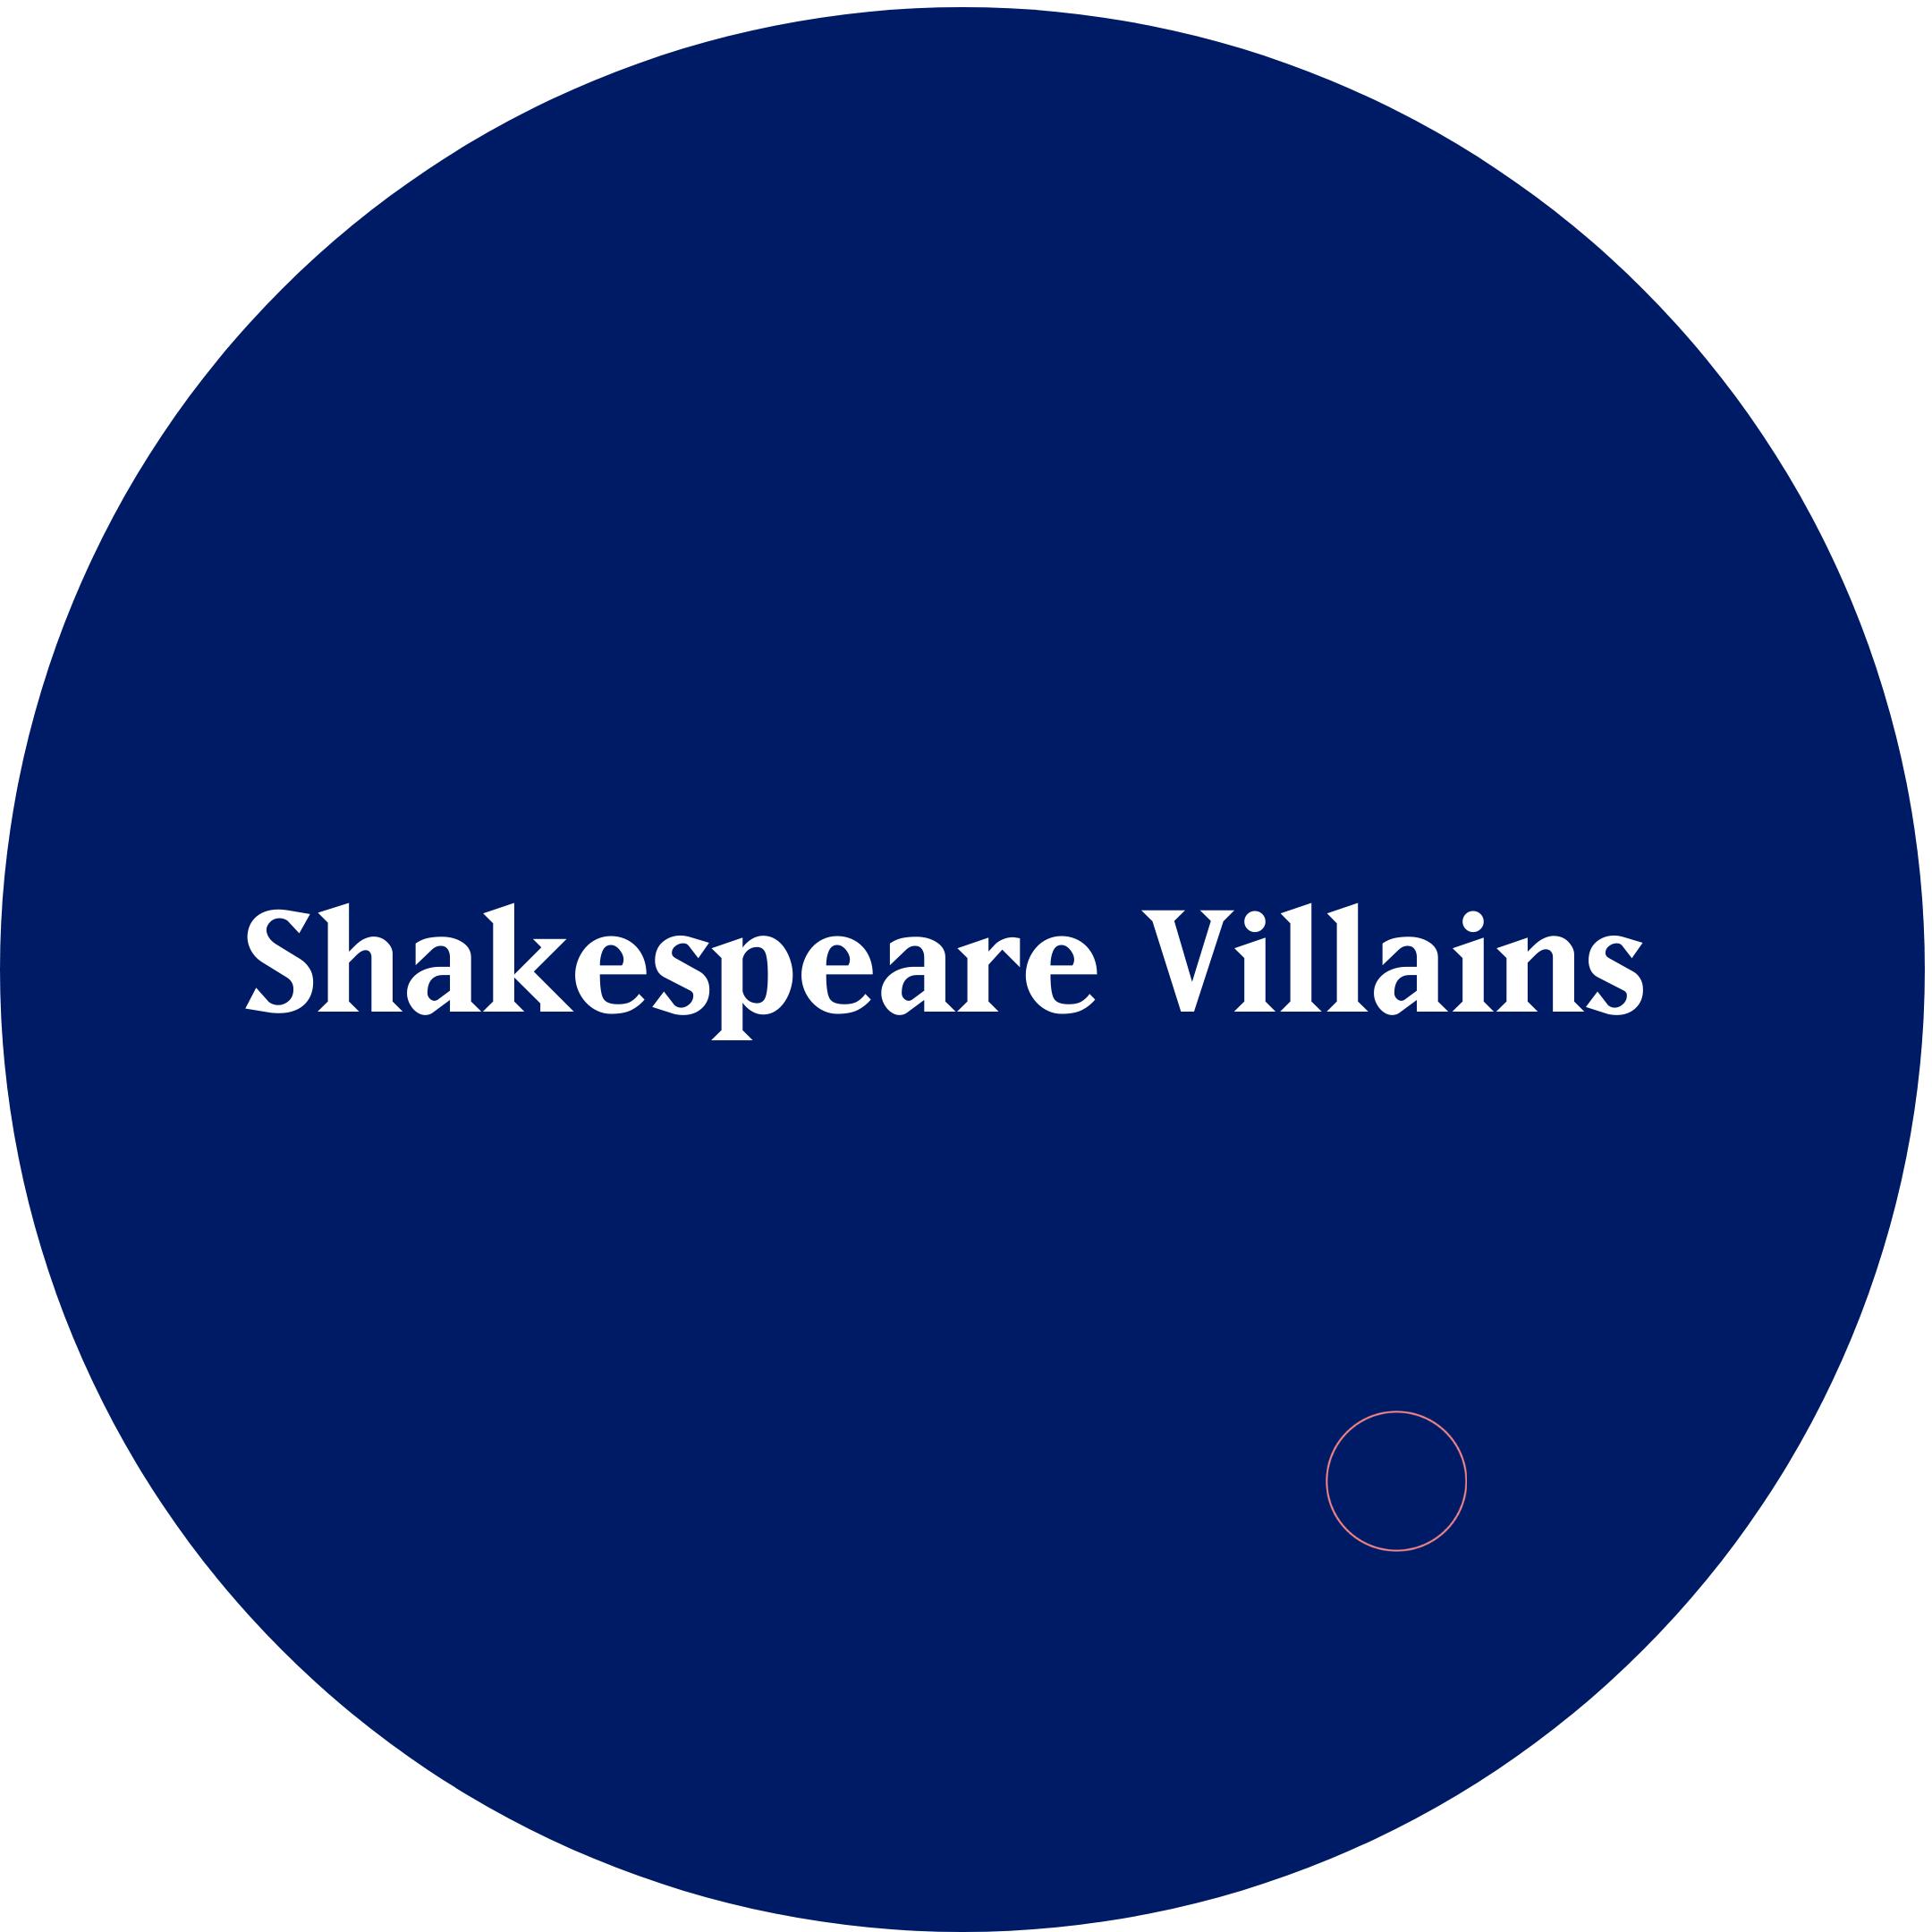 Shakespeare villains circle